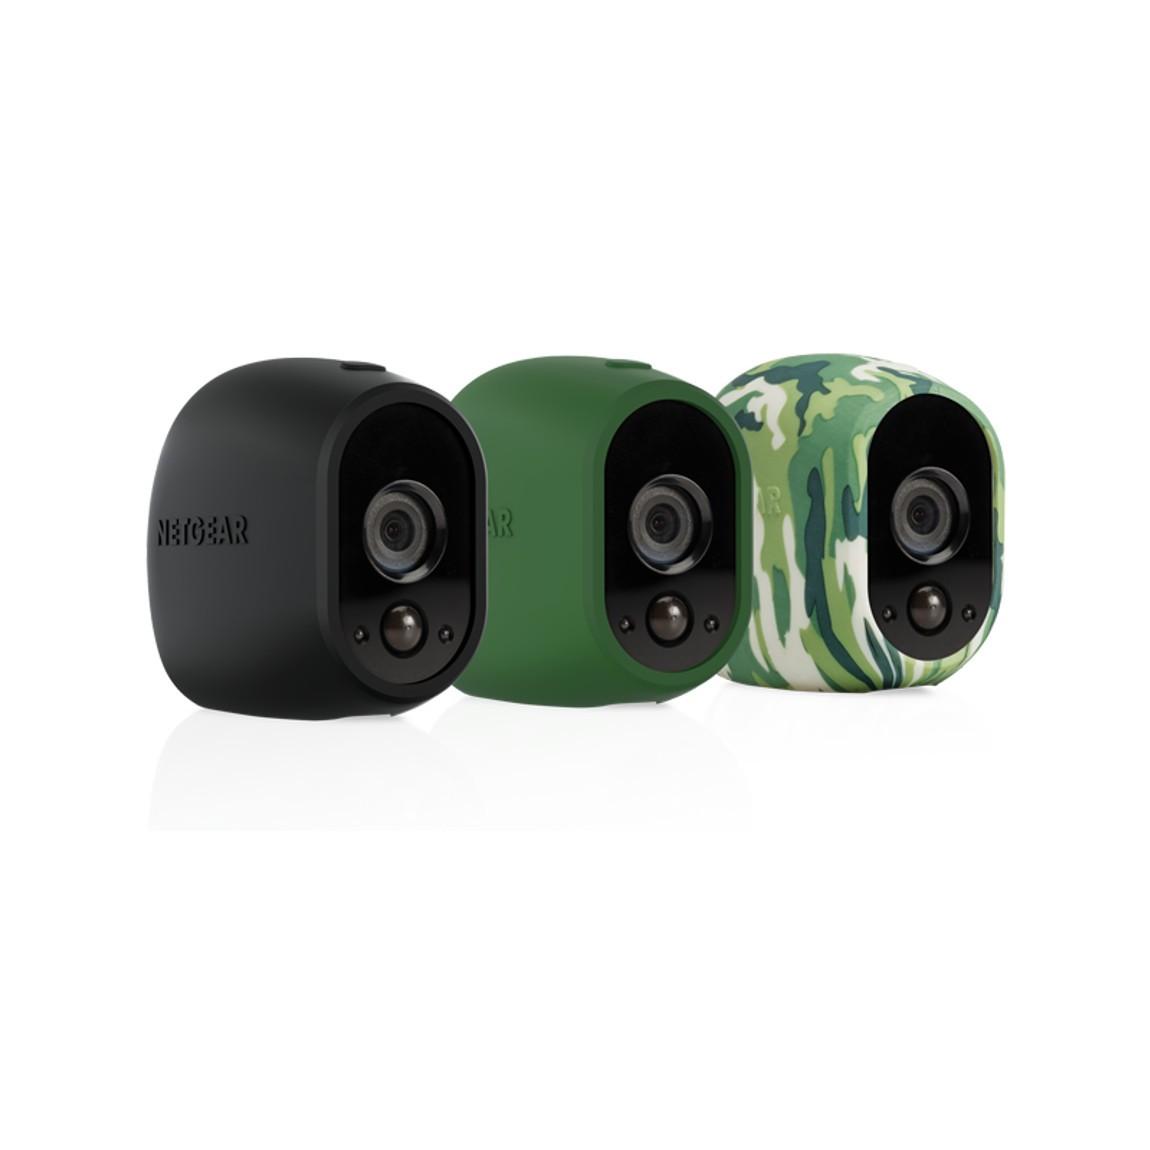 NETGEAR Arlo austauschbare Silikonbezüge - 3er-Set (VMA1200) - Black Camouflage Green